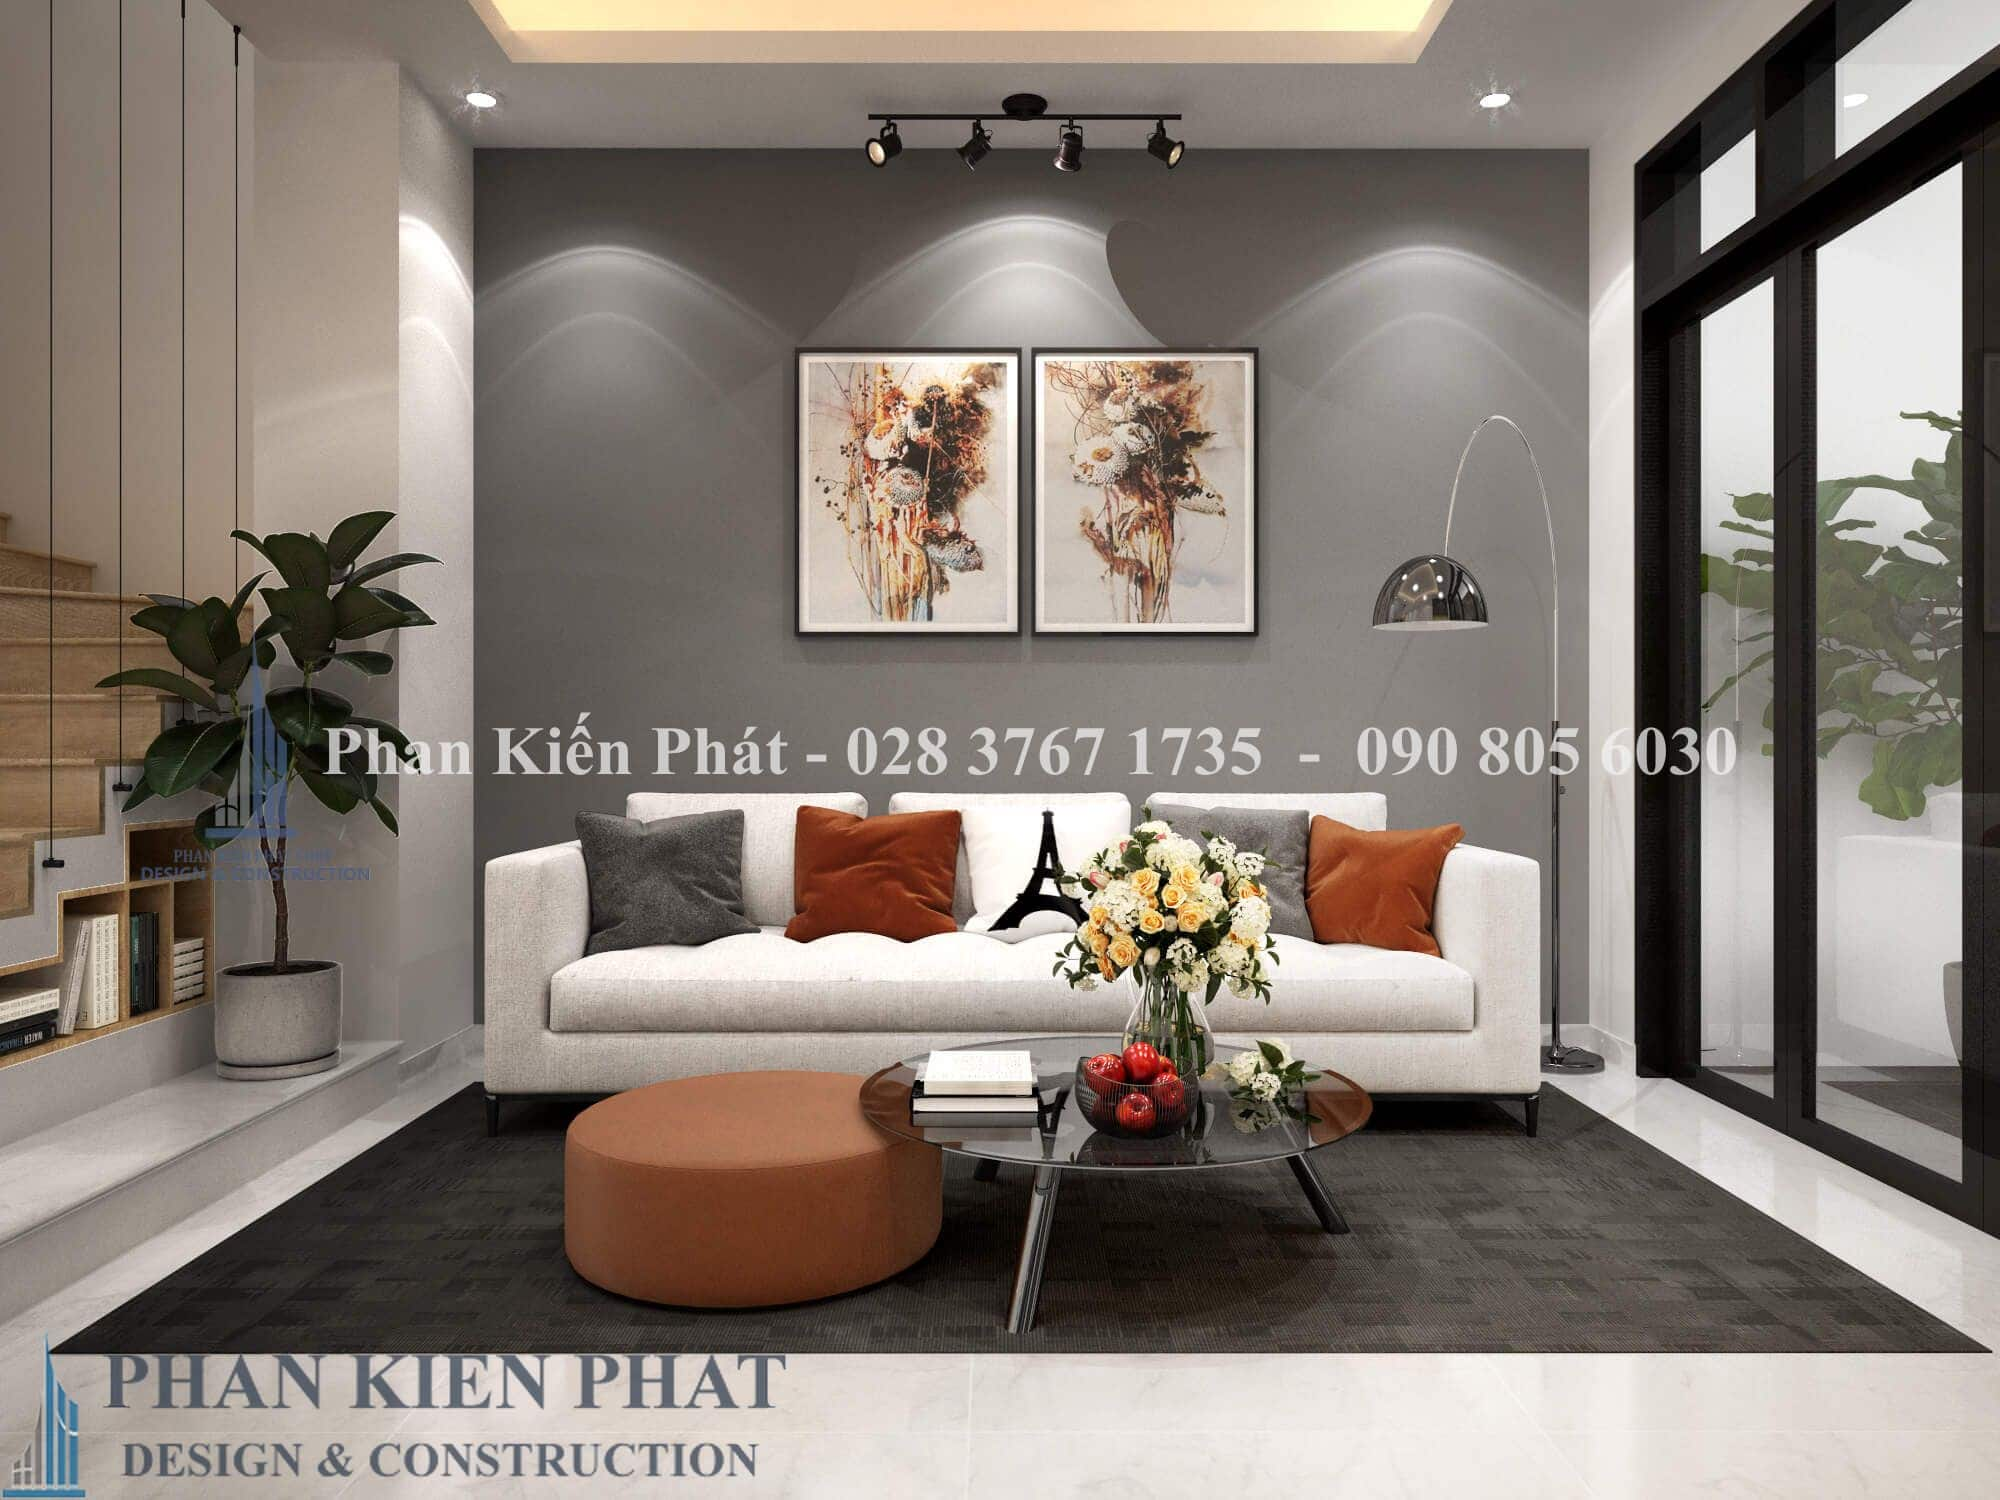 Noi That Phong Khach View 3 nhà phố 3 tầng tân cổ điển